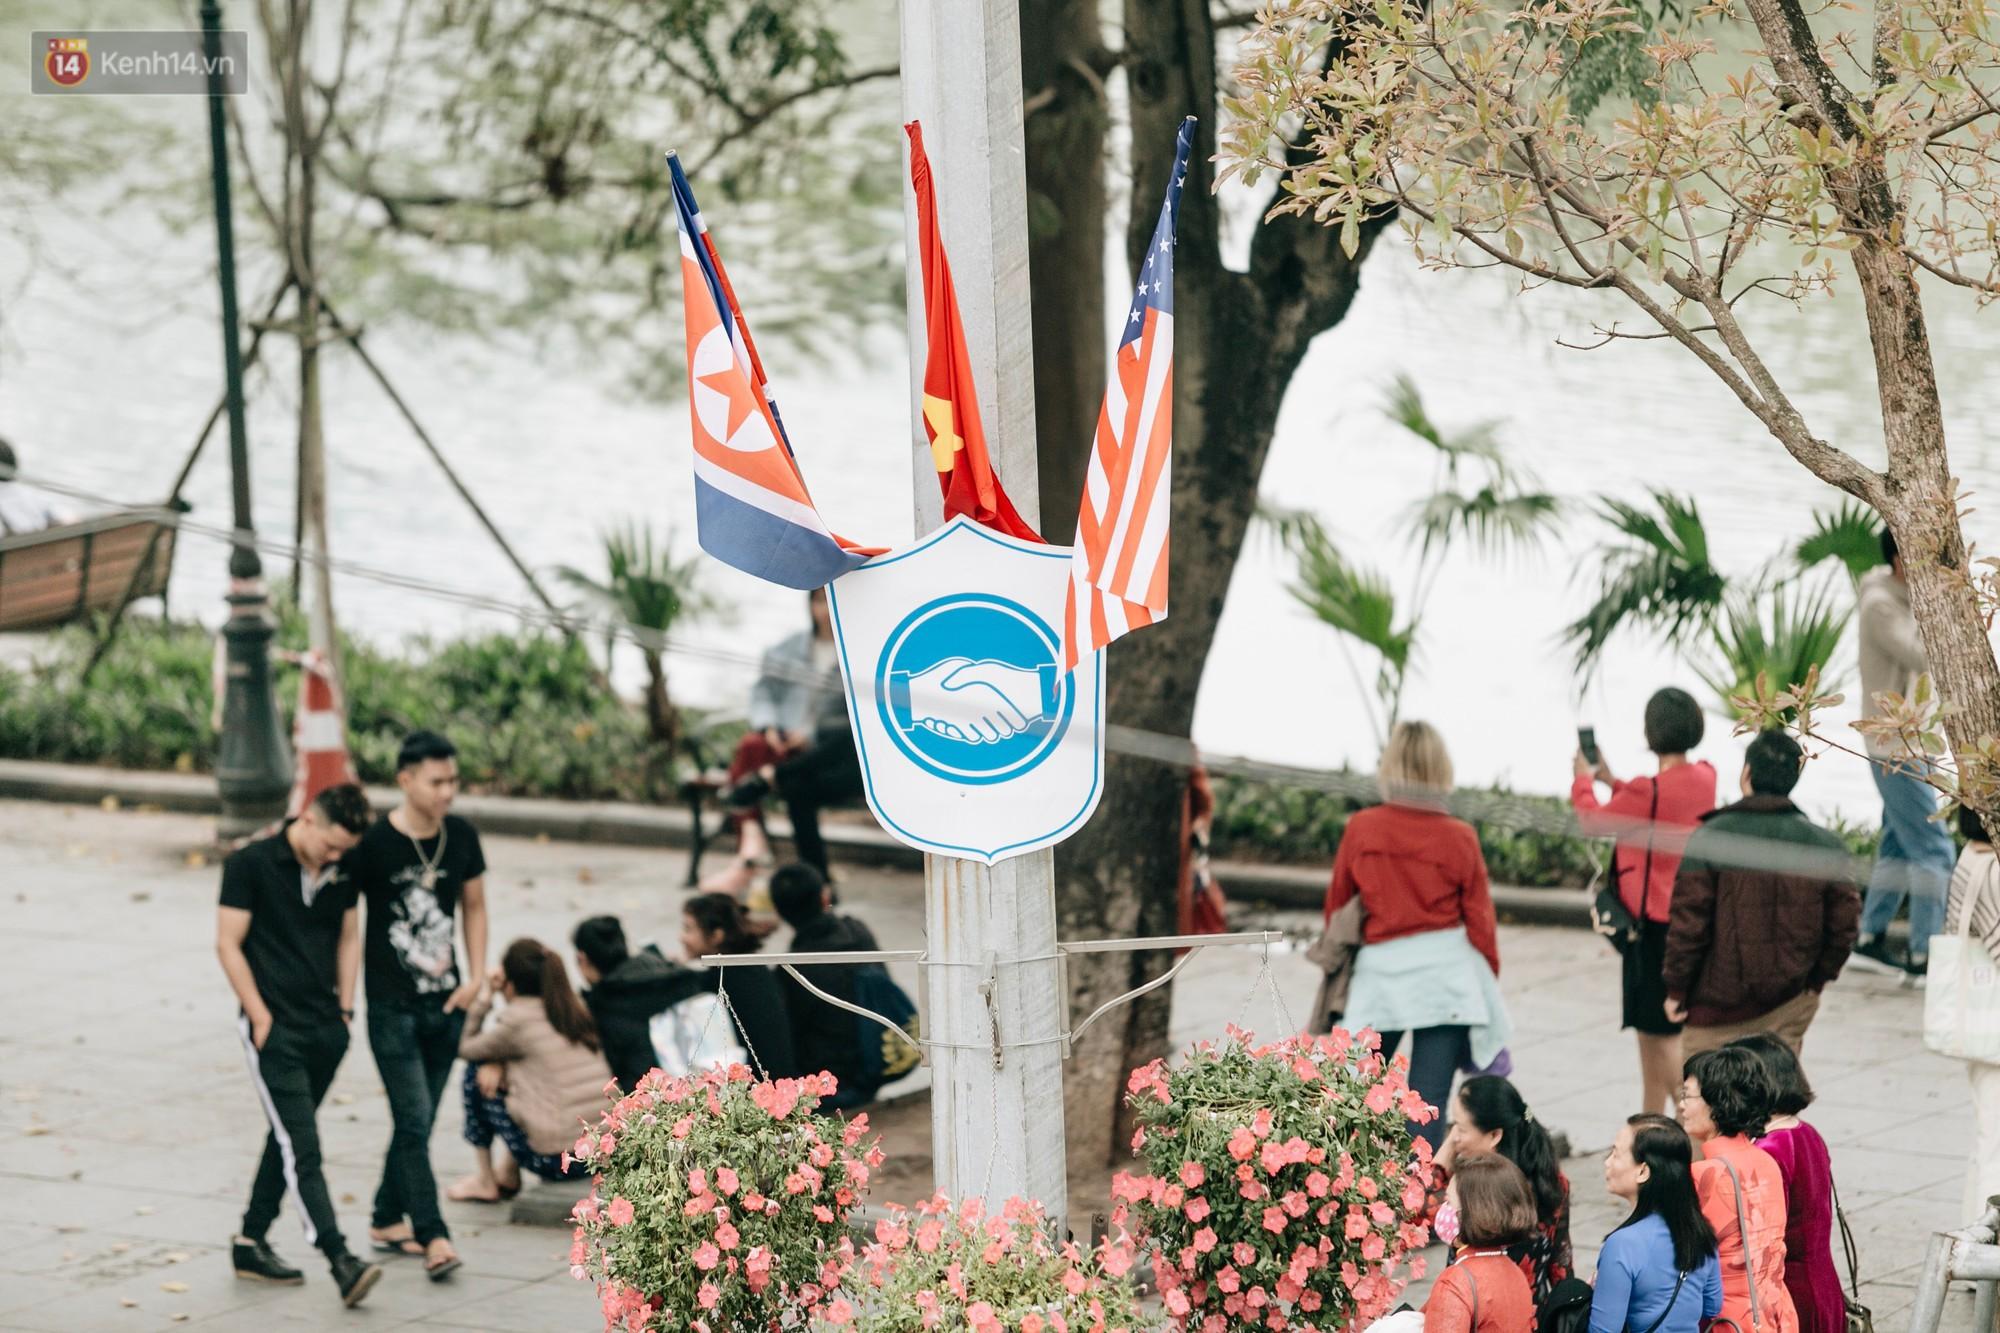 Xuất hiện trên CNN, thủ đô Hà Nội được bạn bè quốc tế tấm tắc khen vì xinh đẹp, bình yên-7